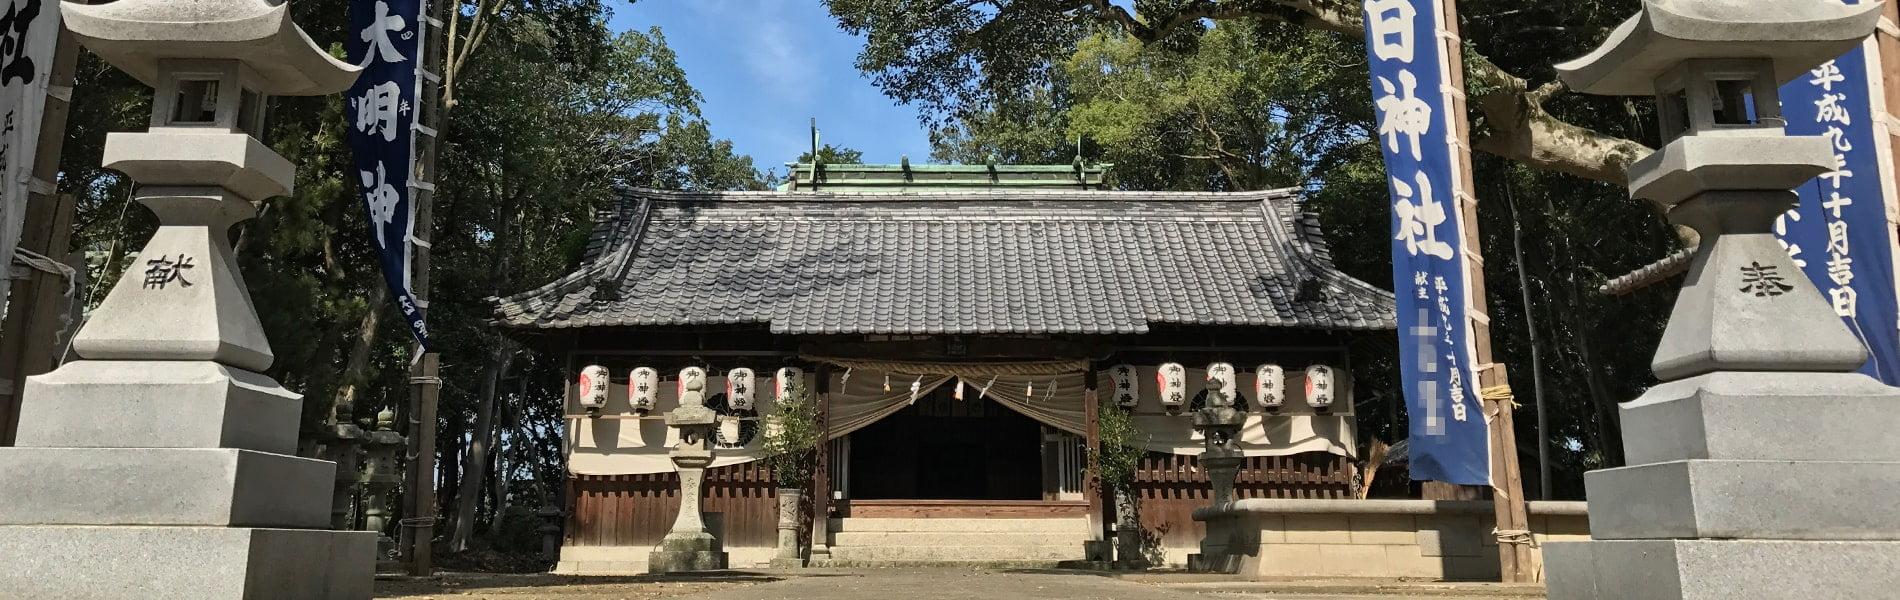 社叢に佇む奉納神社